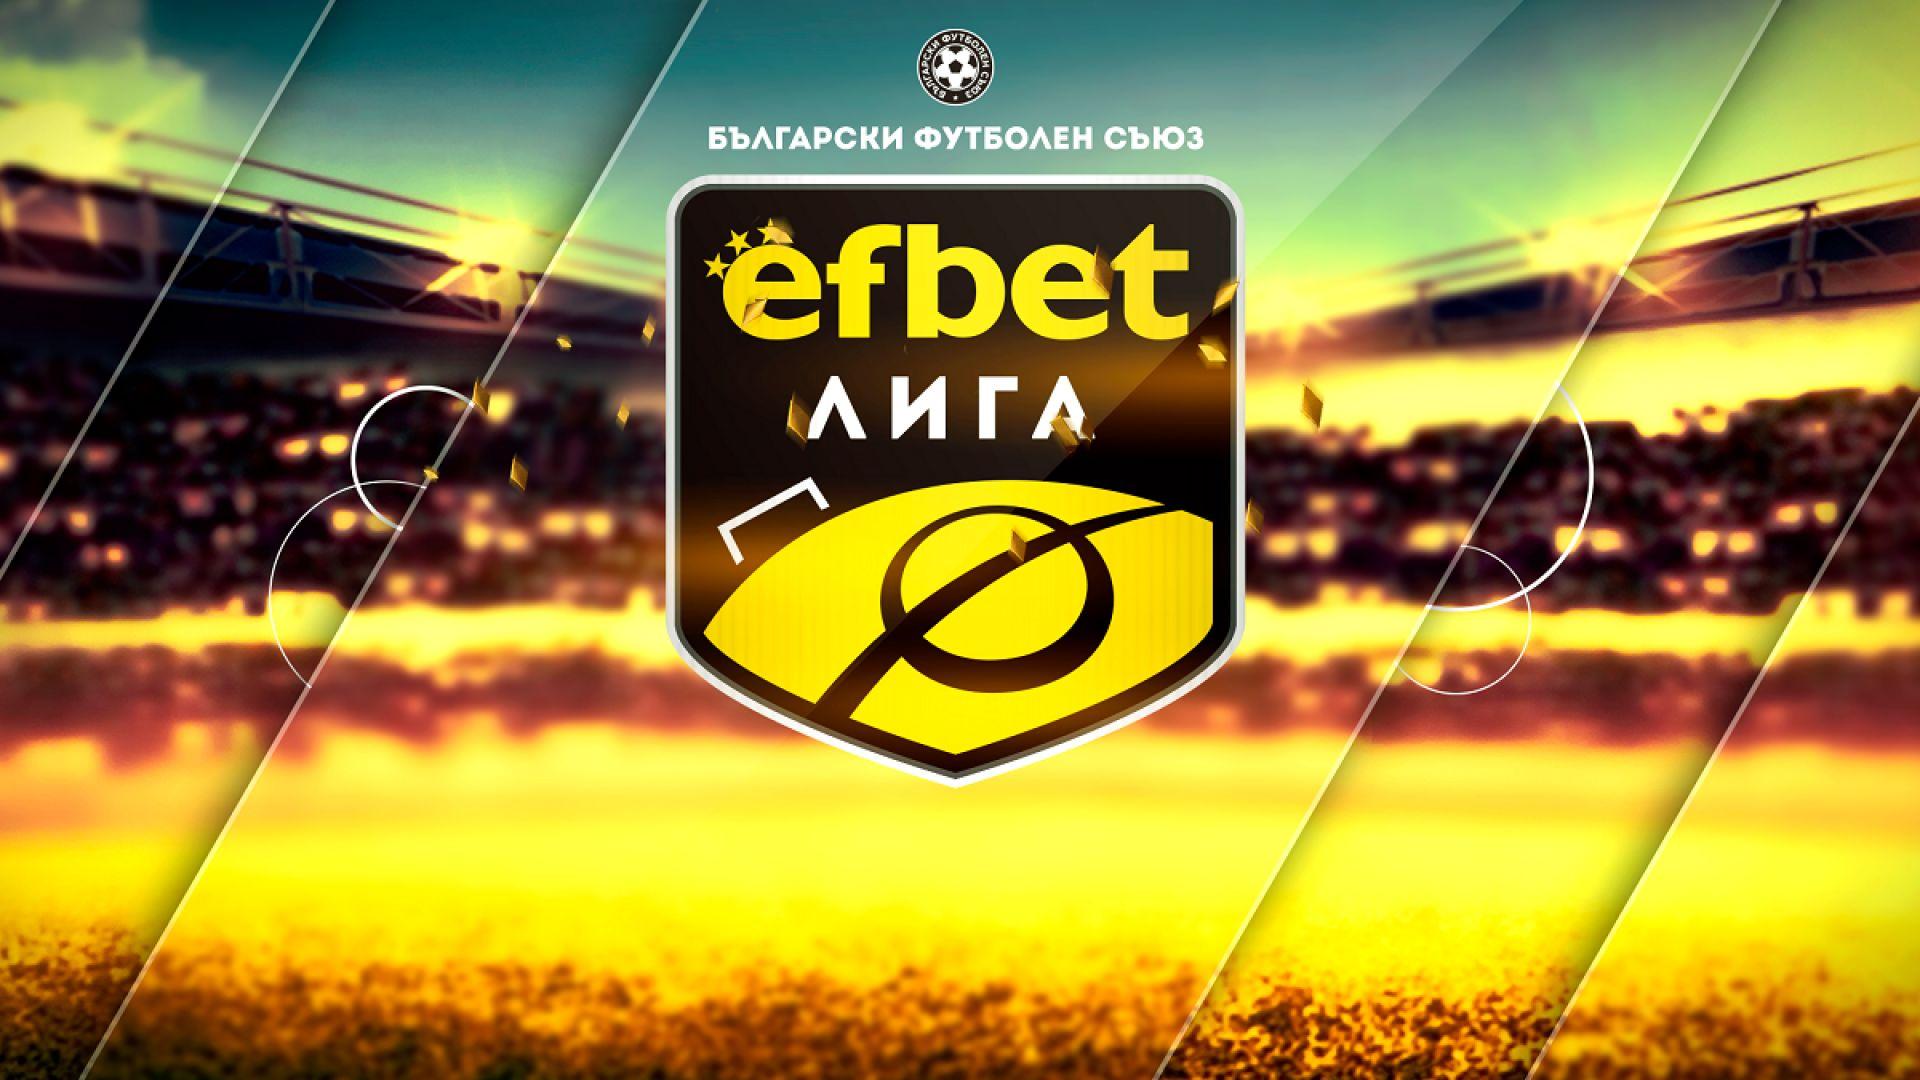 еfbet Лига стартира в петък